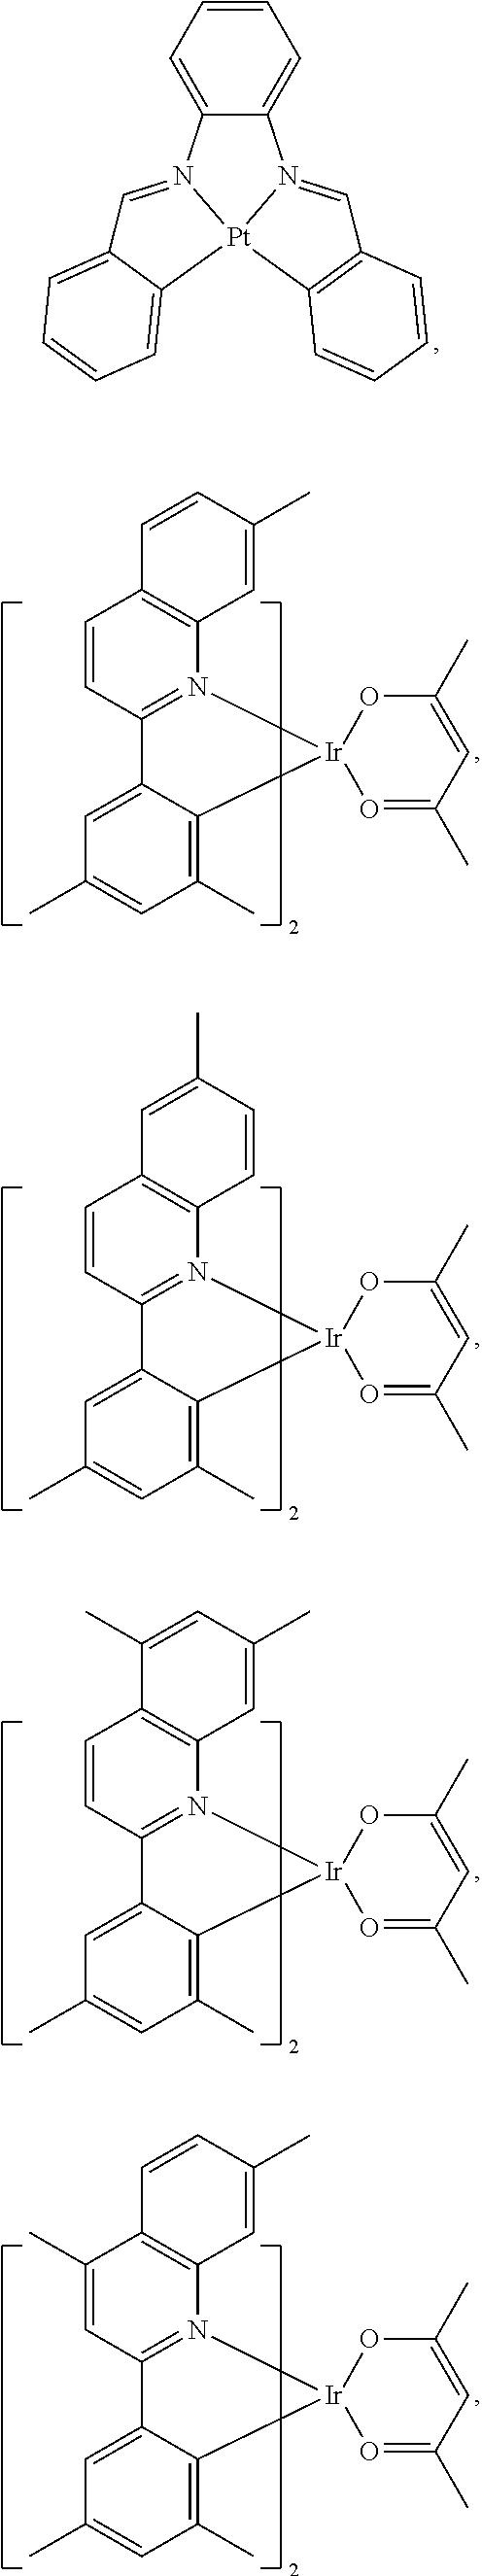 Figure US10033004-20180724-C00097